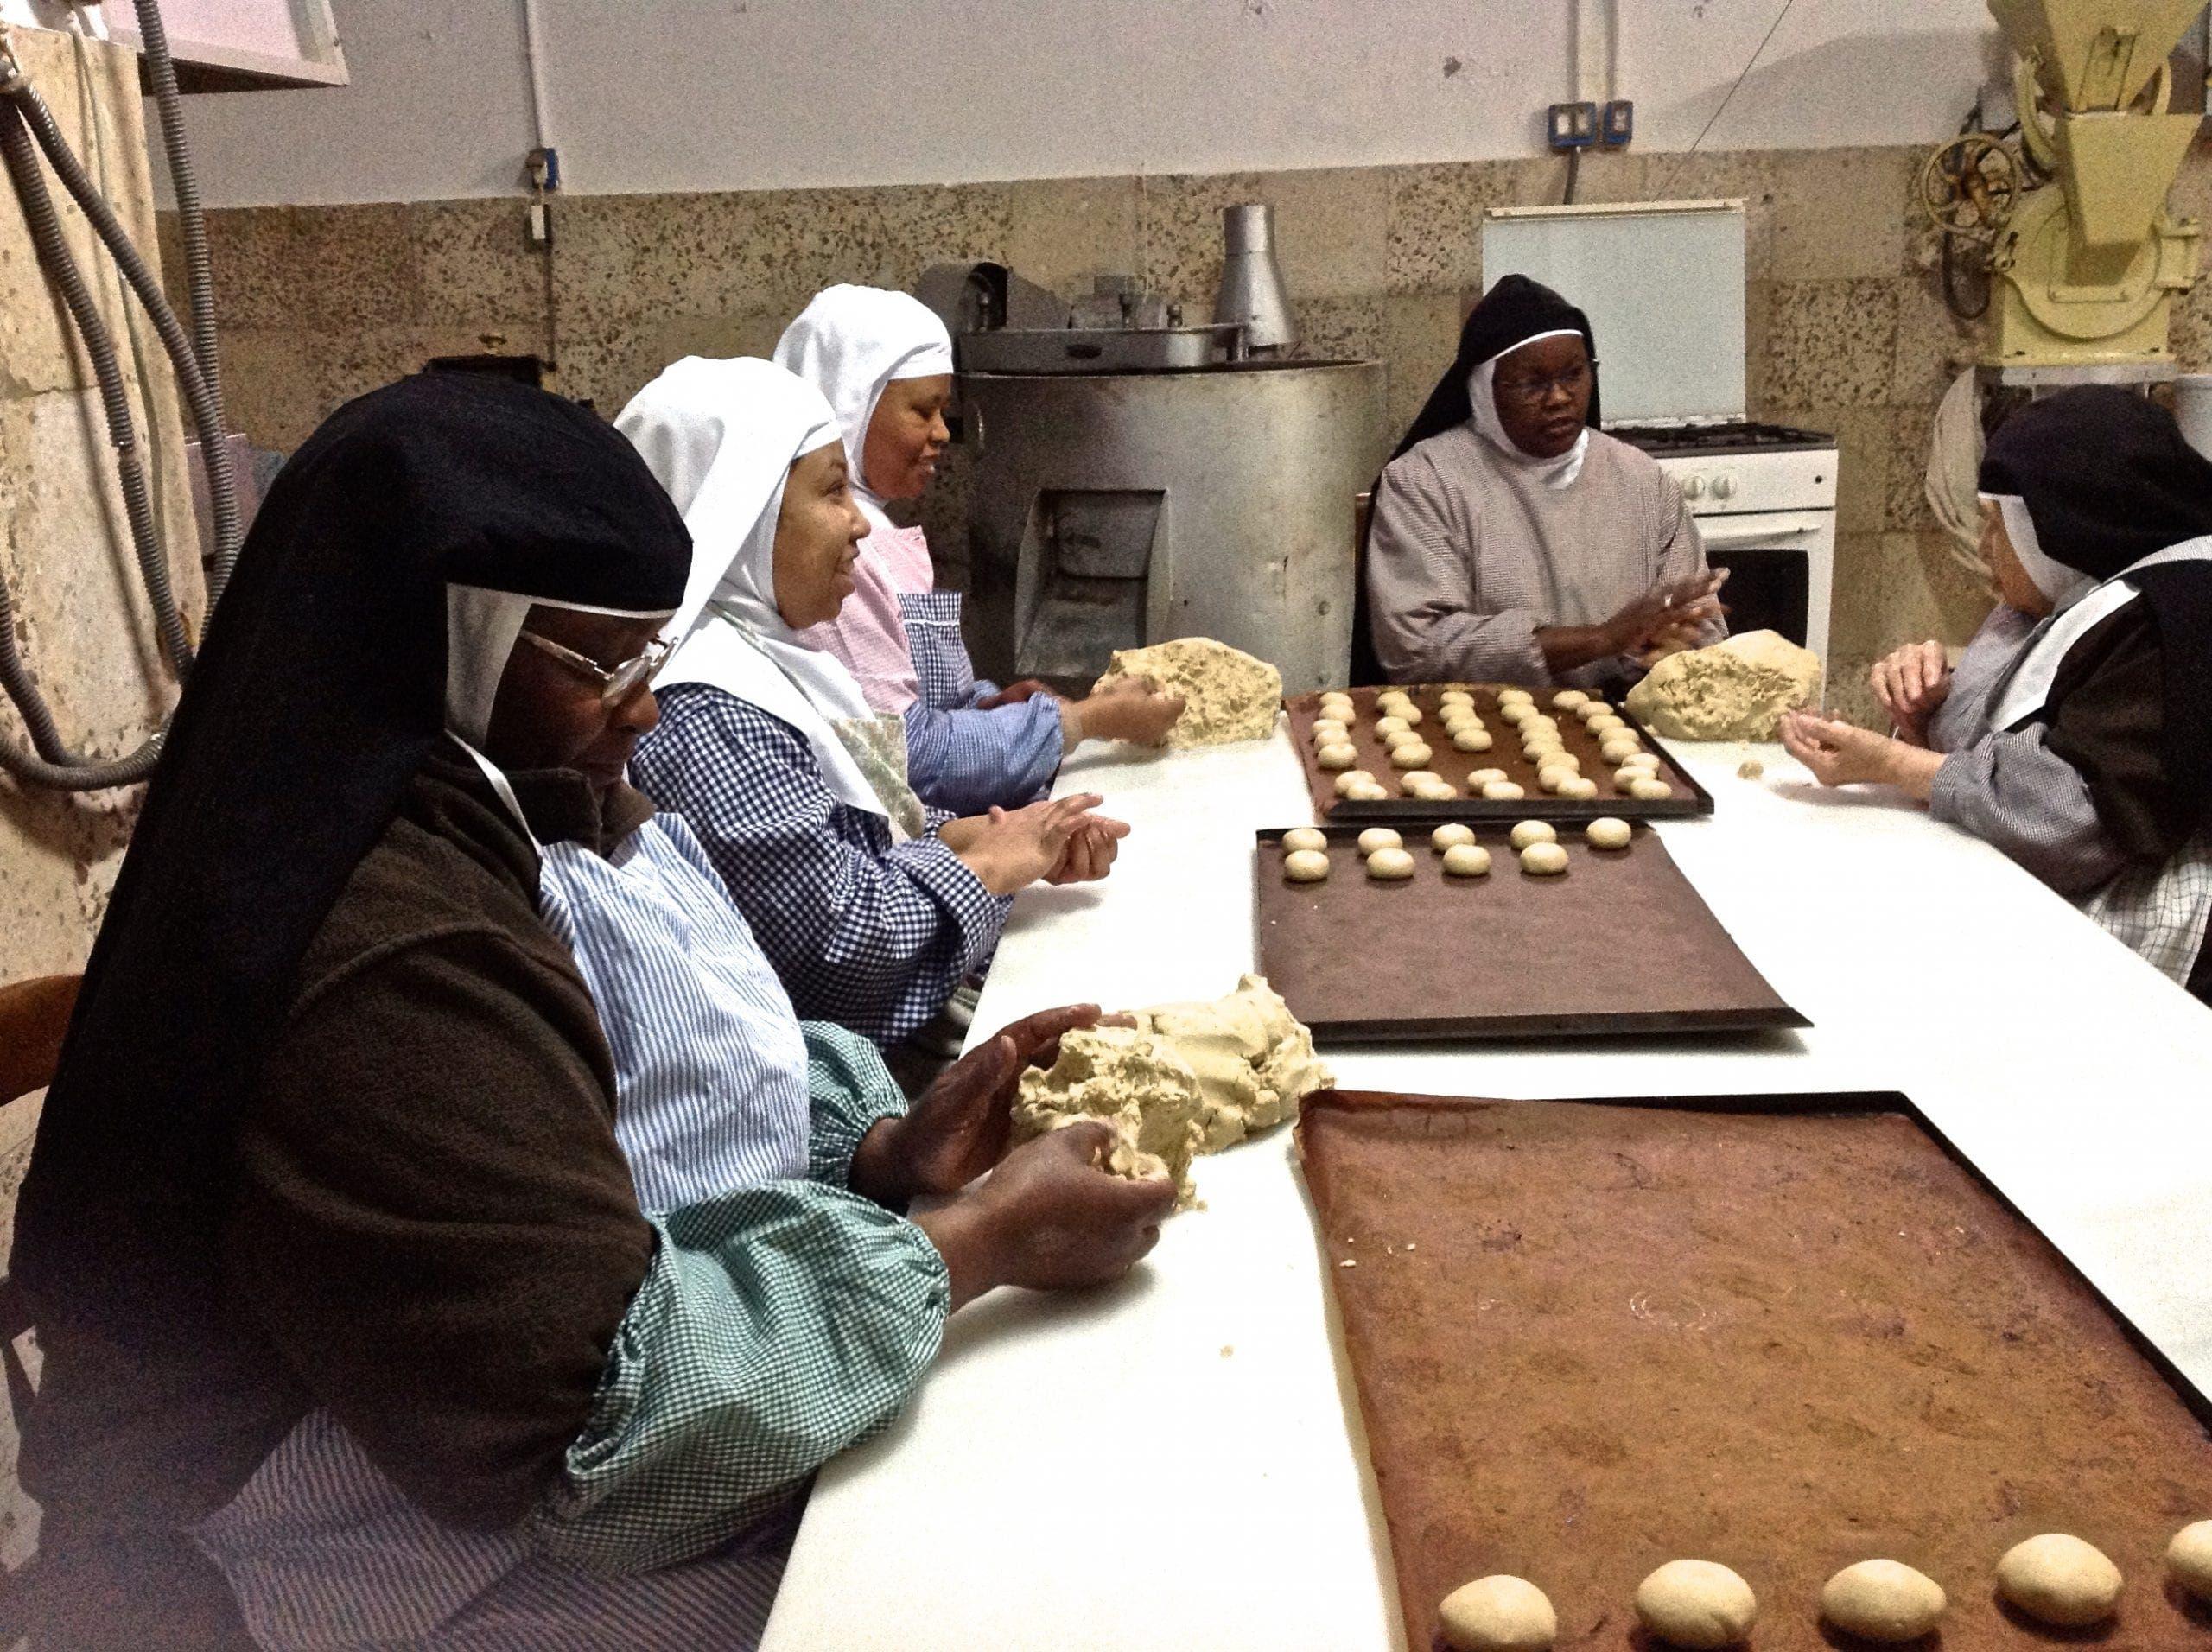 Nuns At Work 2 Photo Karethe Linaae